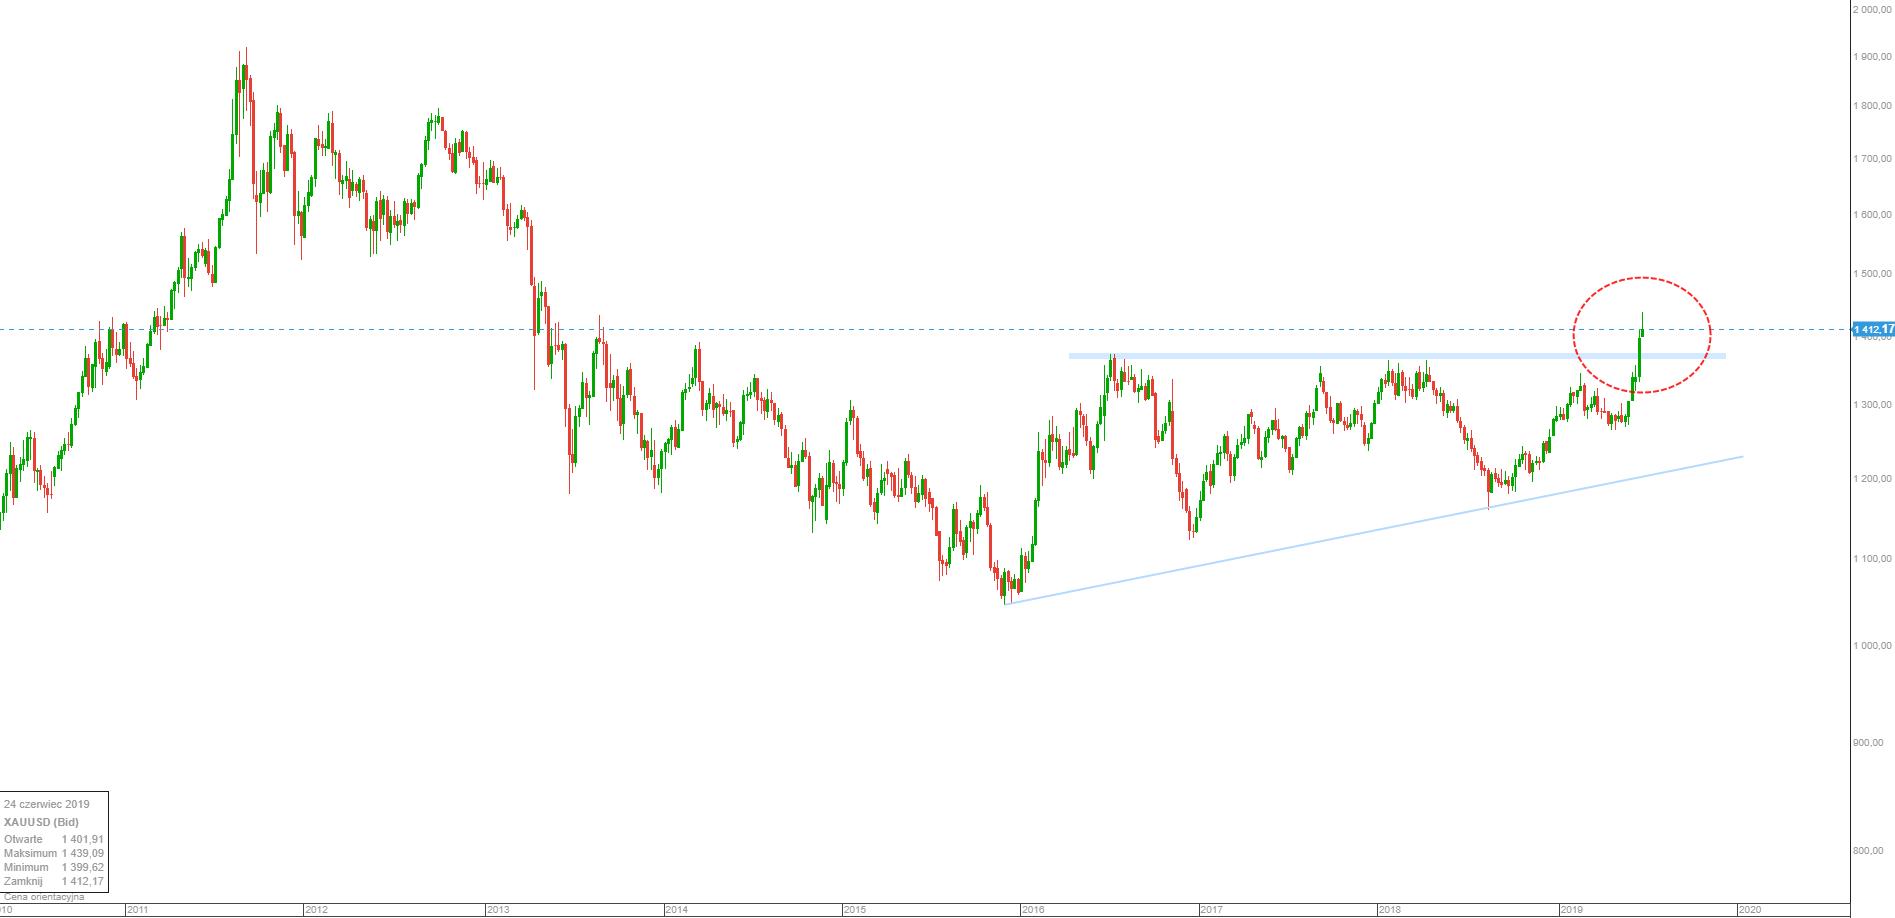 Wykres: złoto najwyżej od 6 lat, kurs przełamał ważne poziomy, źródło: platforma transakcyjna